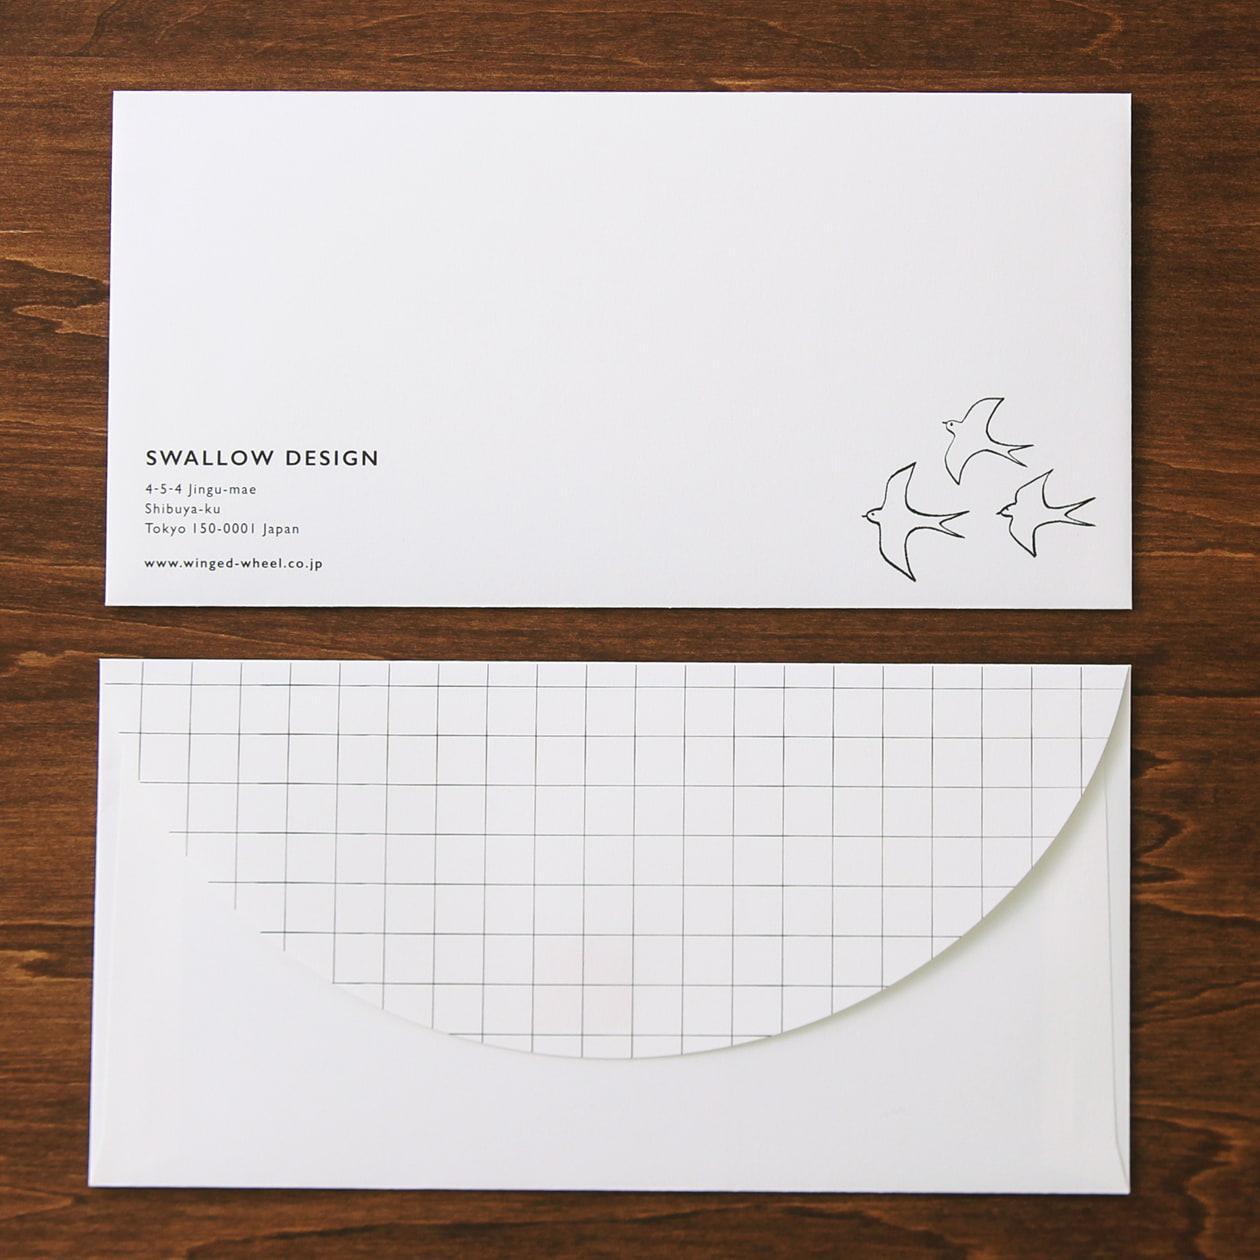 フタがオリジナル形状の長3カマス封筒